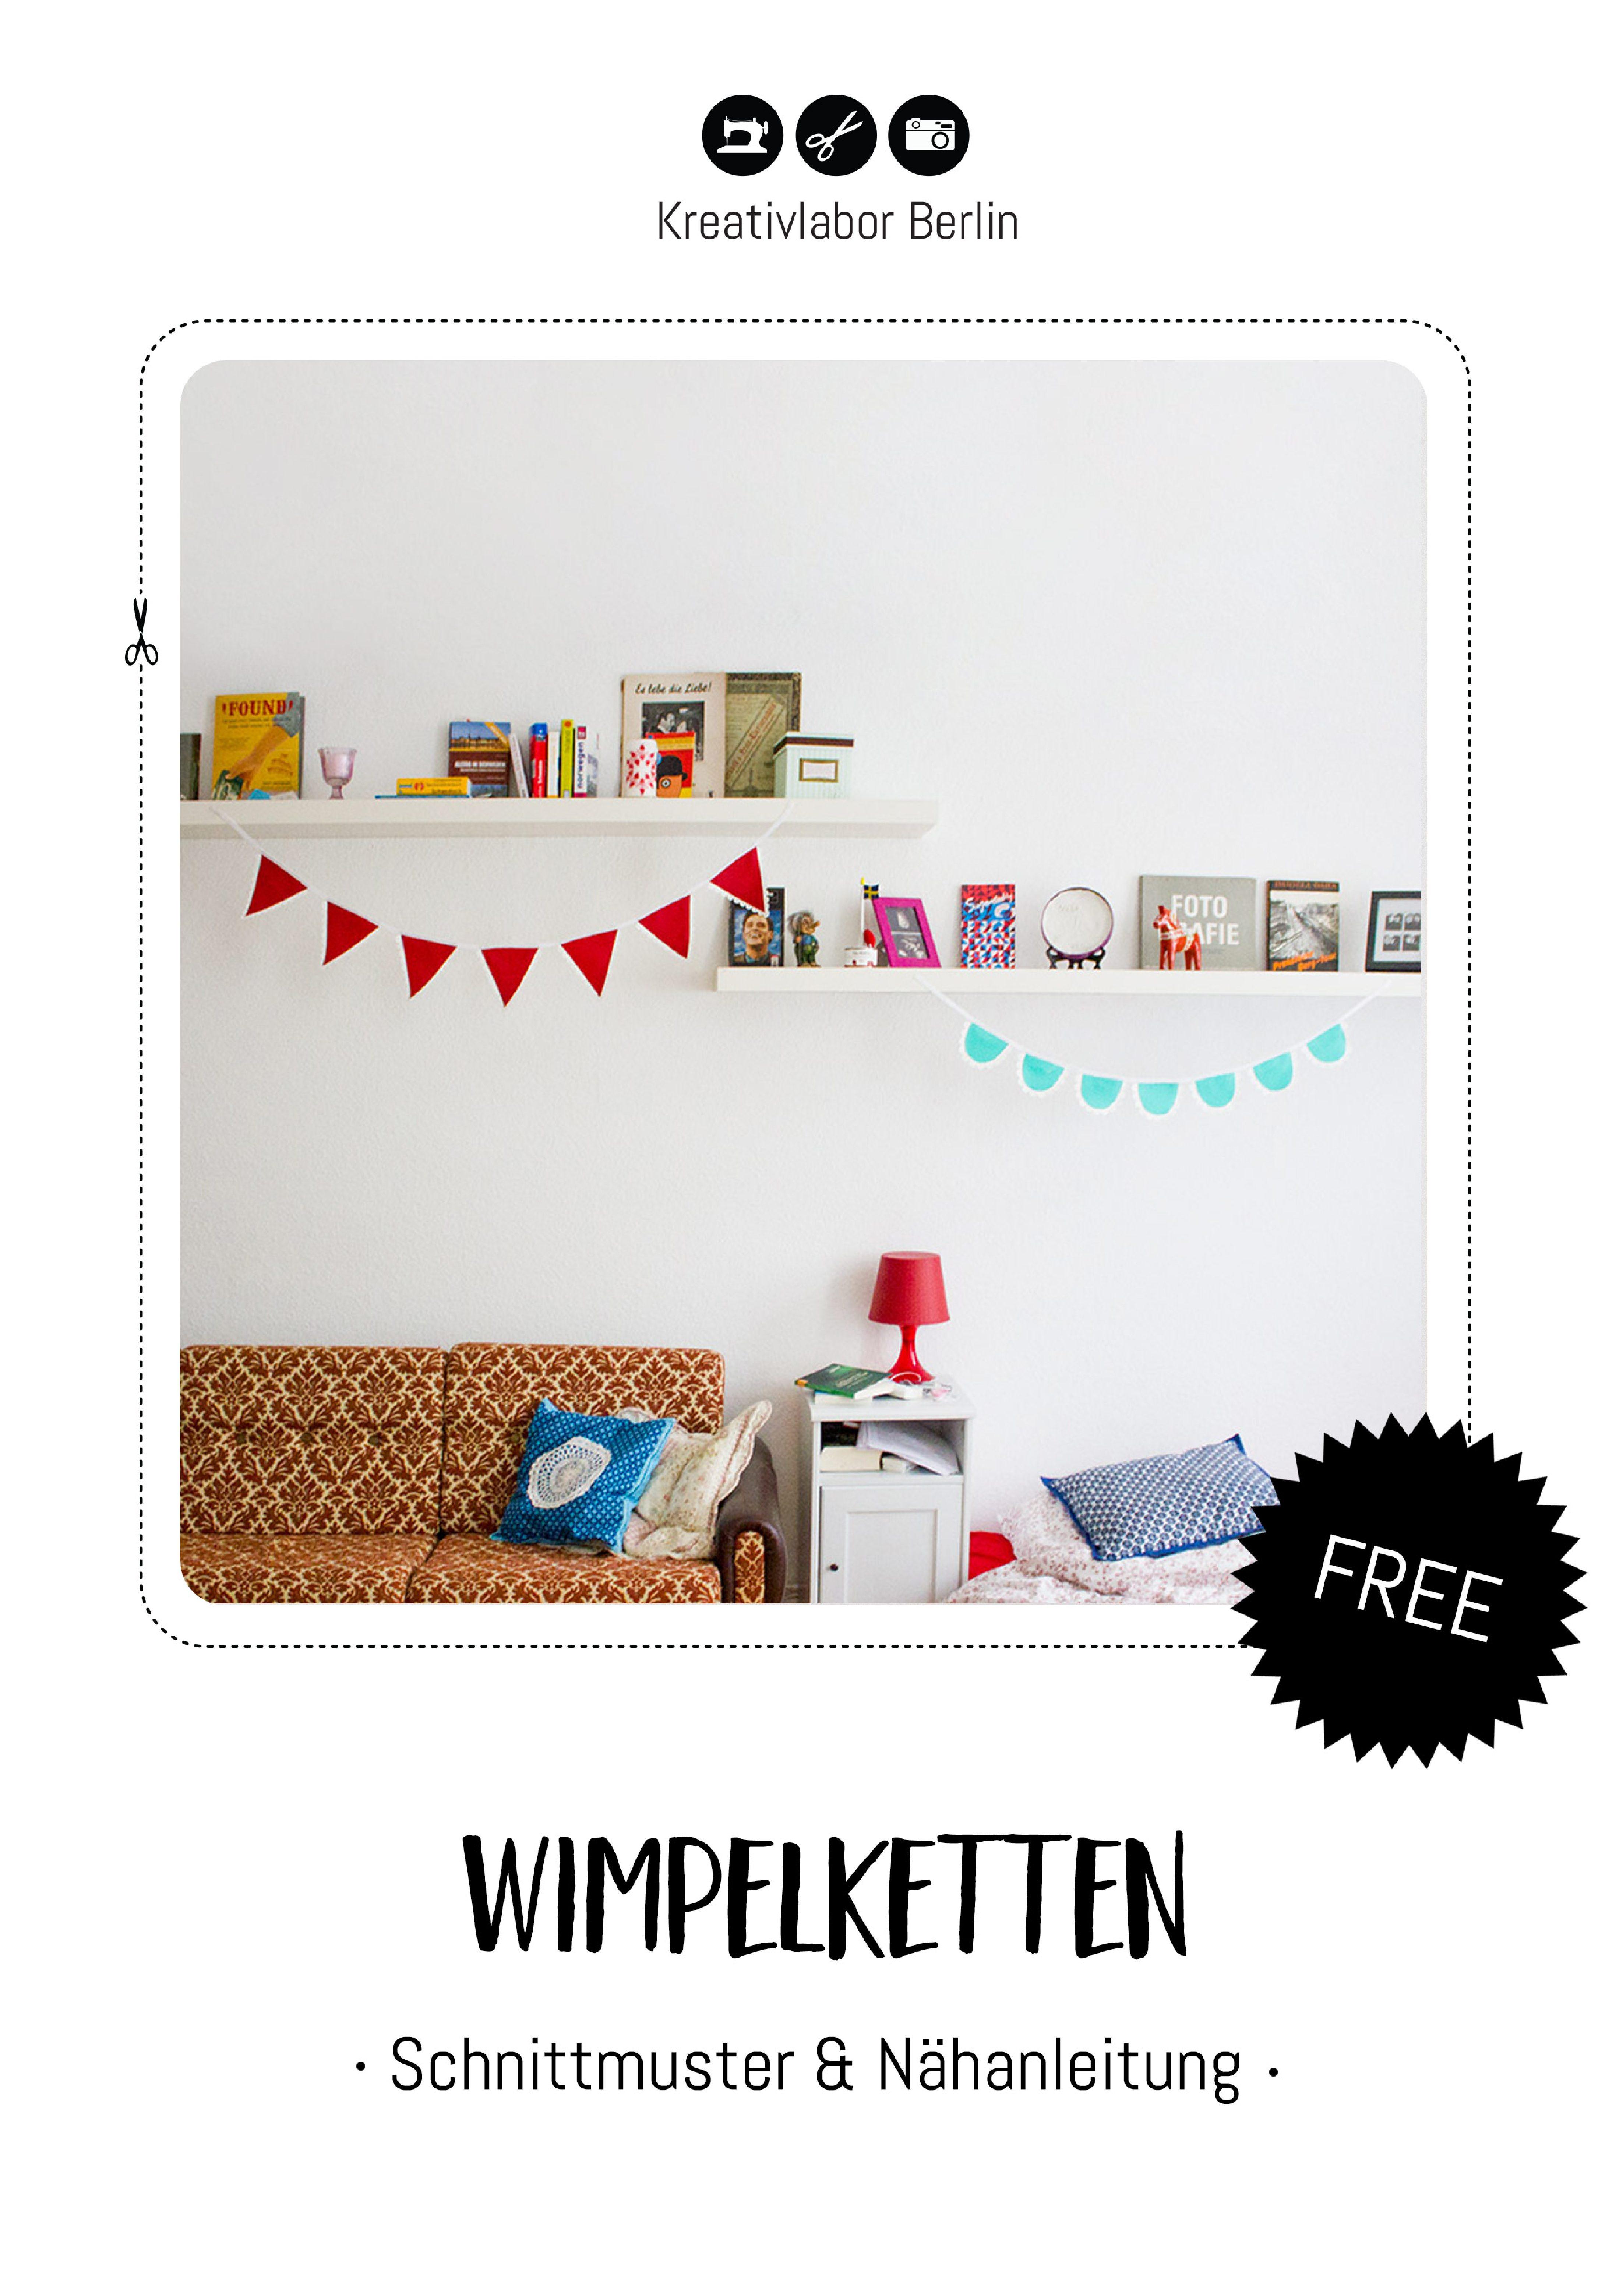 Bunte Wimpelketten aus Kunstleder von Kreativlabor Berlin